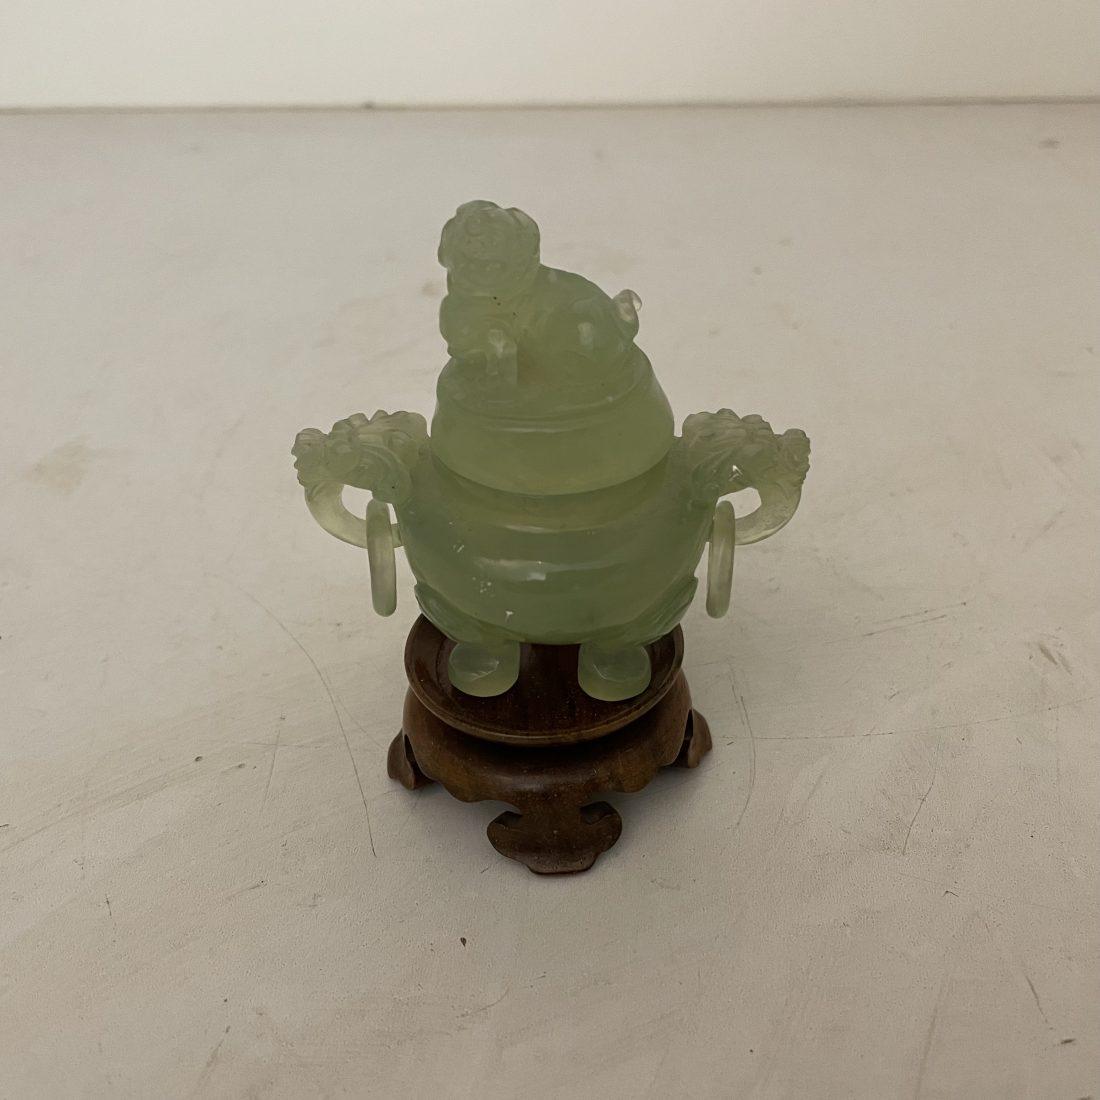 Jade wierookbrander in miniatuur vorm, China, begin 20e eeuw